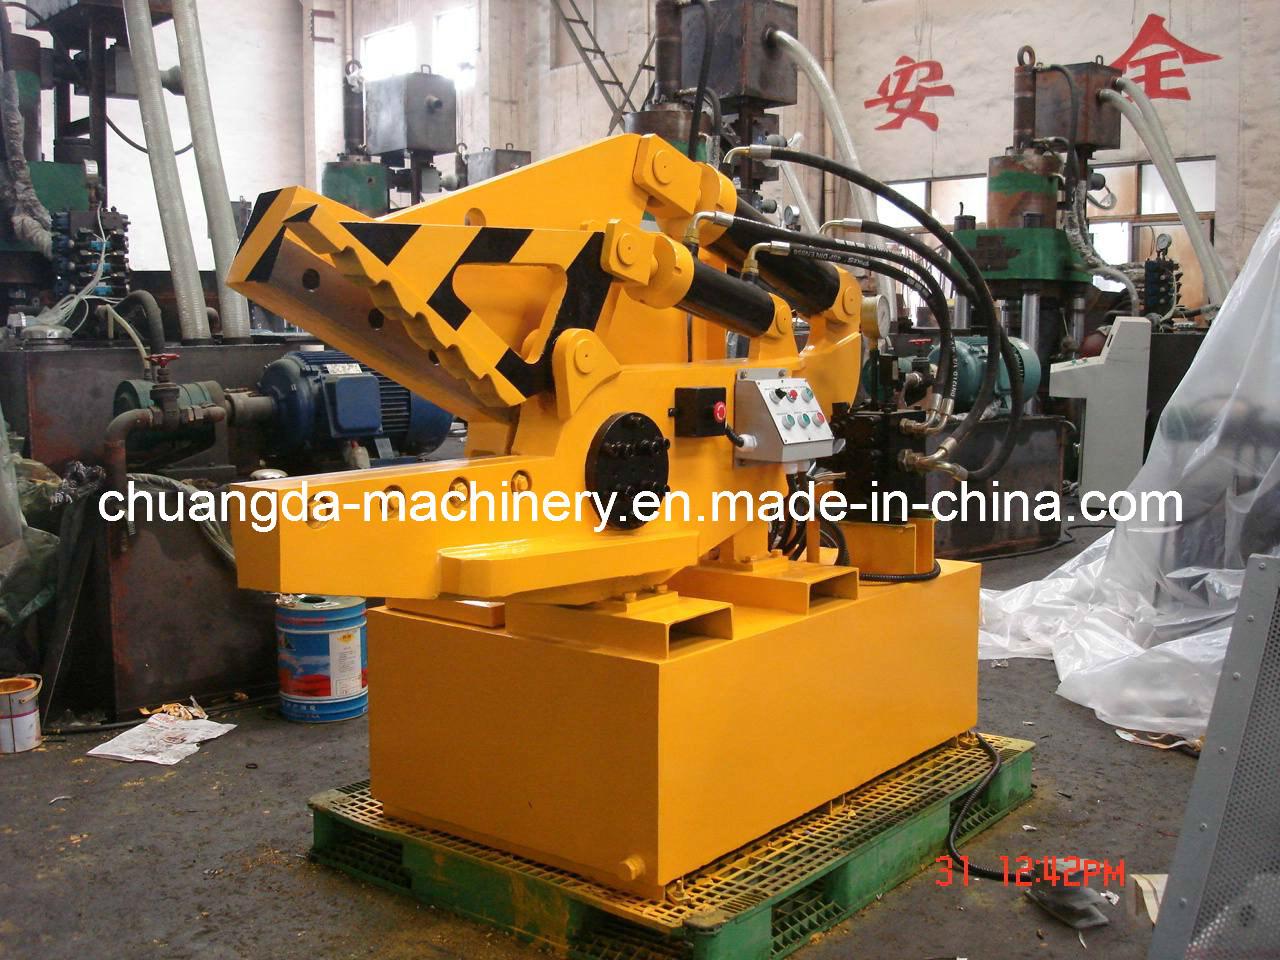 Hydraulic Cutting Machine with Metal (Q08-63)